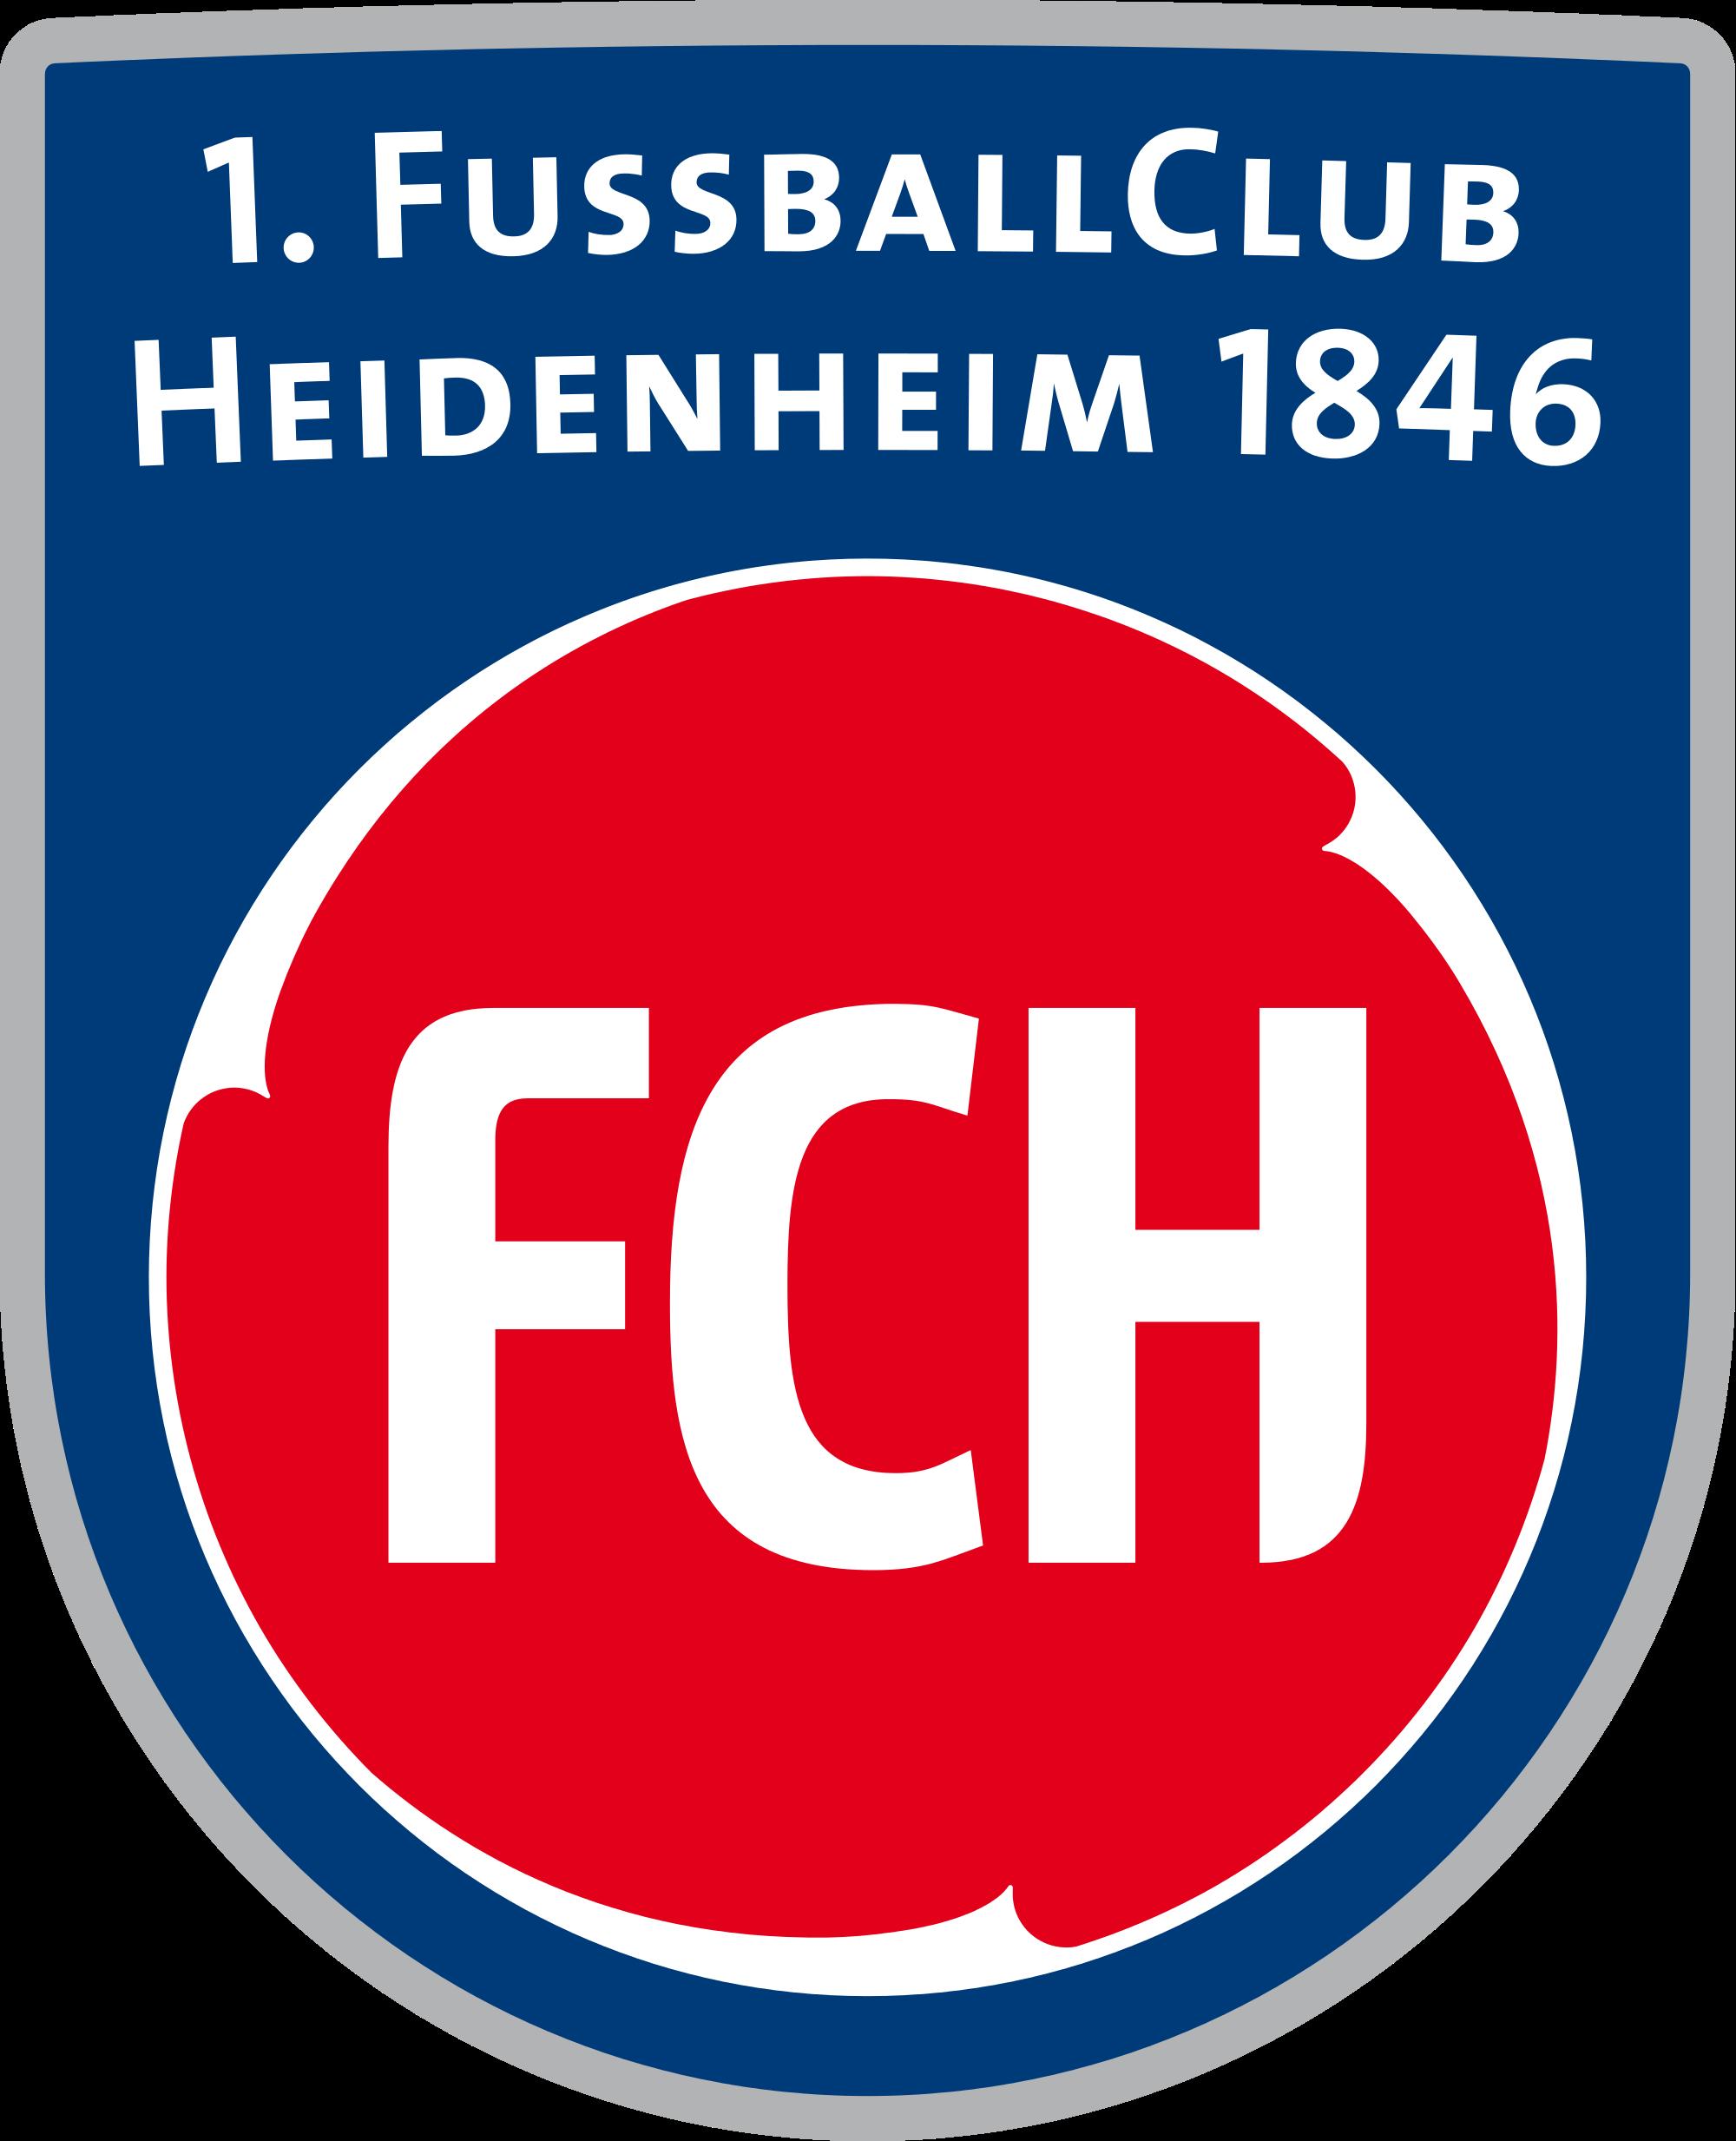 1 Fc Heidenheim 2 Bundesliga Fc Heidenheim Fussball